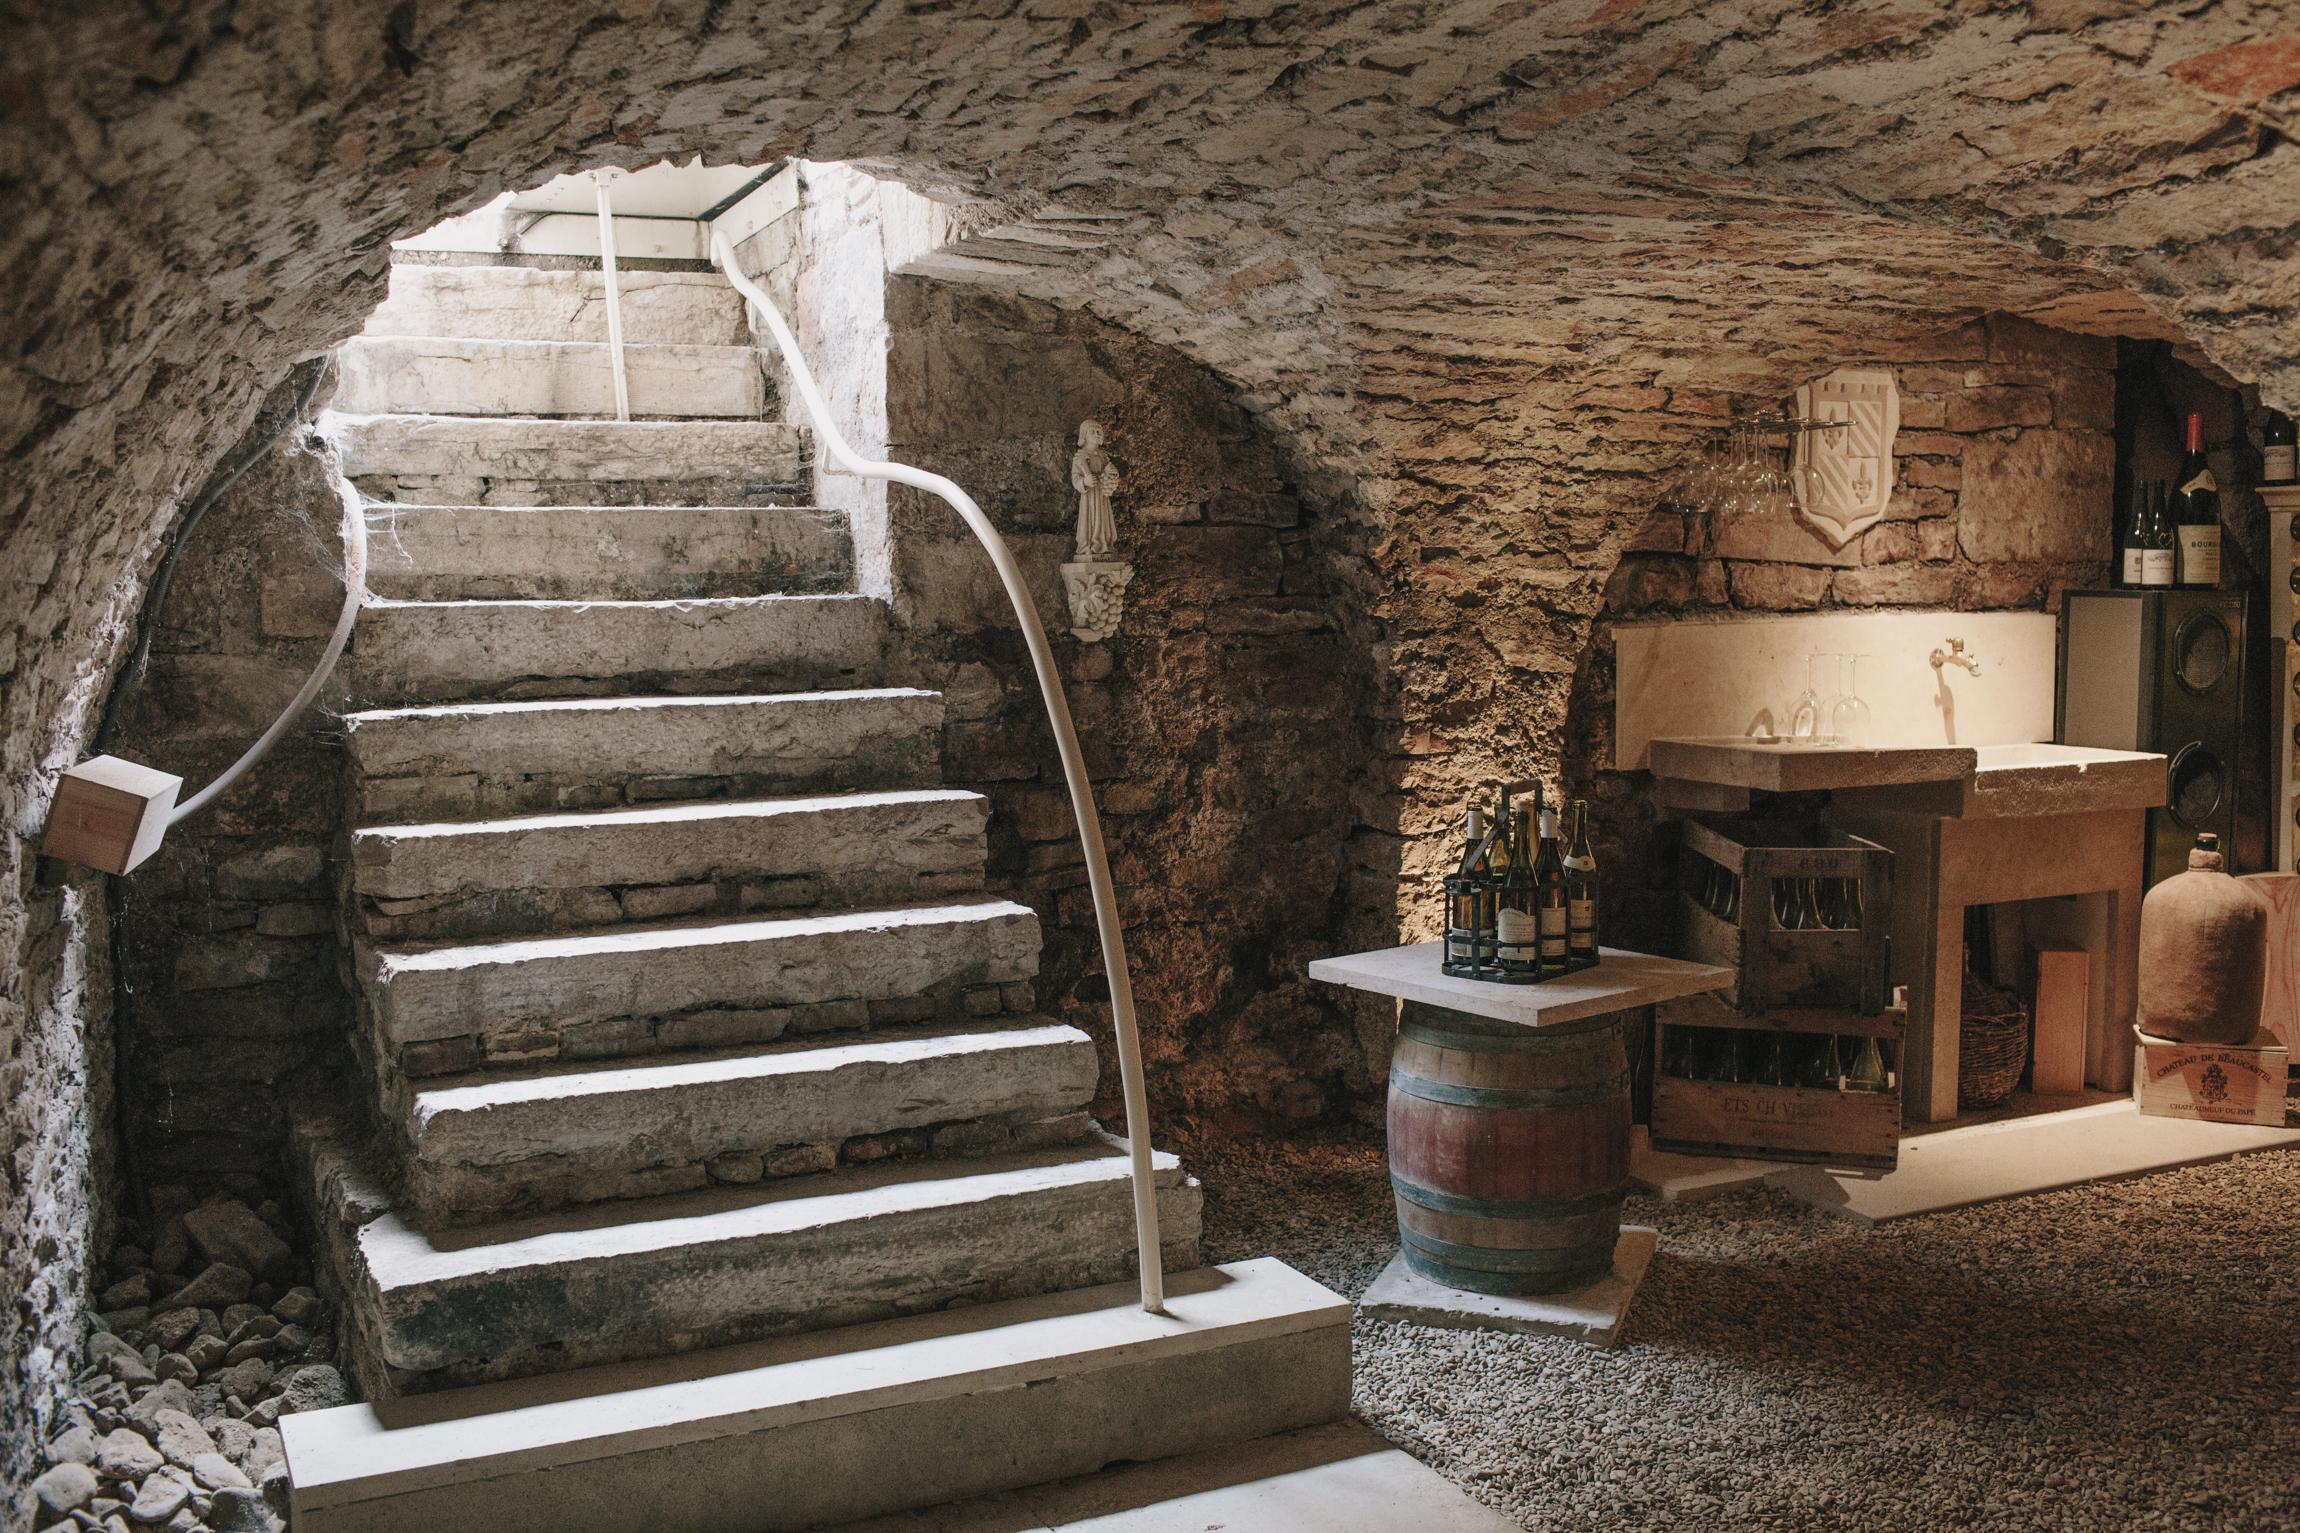 Our 13th century wine cellar under Le Relais de Vieux Beaune in Burgundy, France.